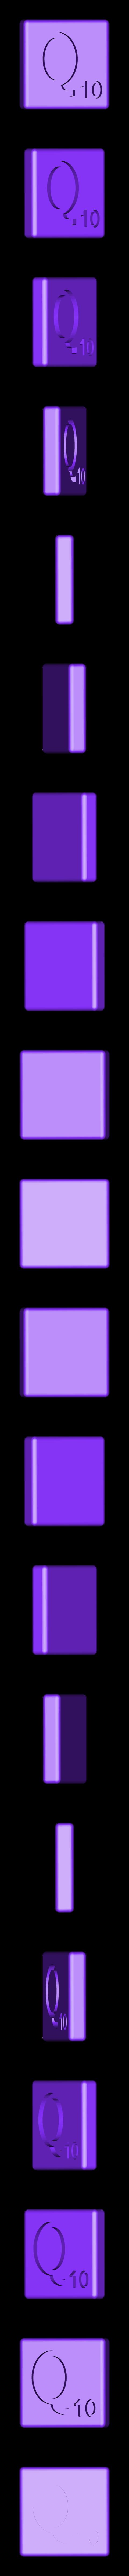 Dual_Shell_Q.STL Télécharger fichier STL gratuit Pièces et support SCRABBBLE • Design pour imprimante 3D, Balkhagal4D